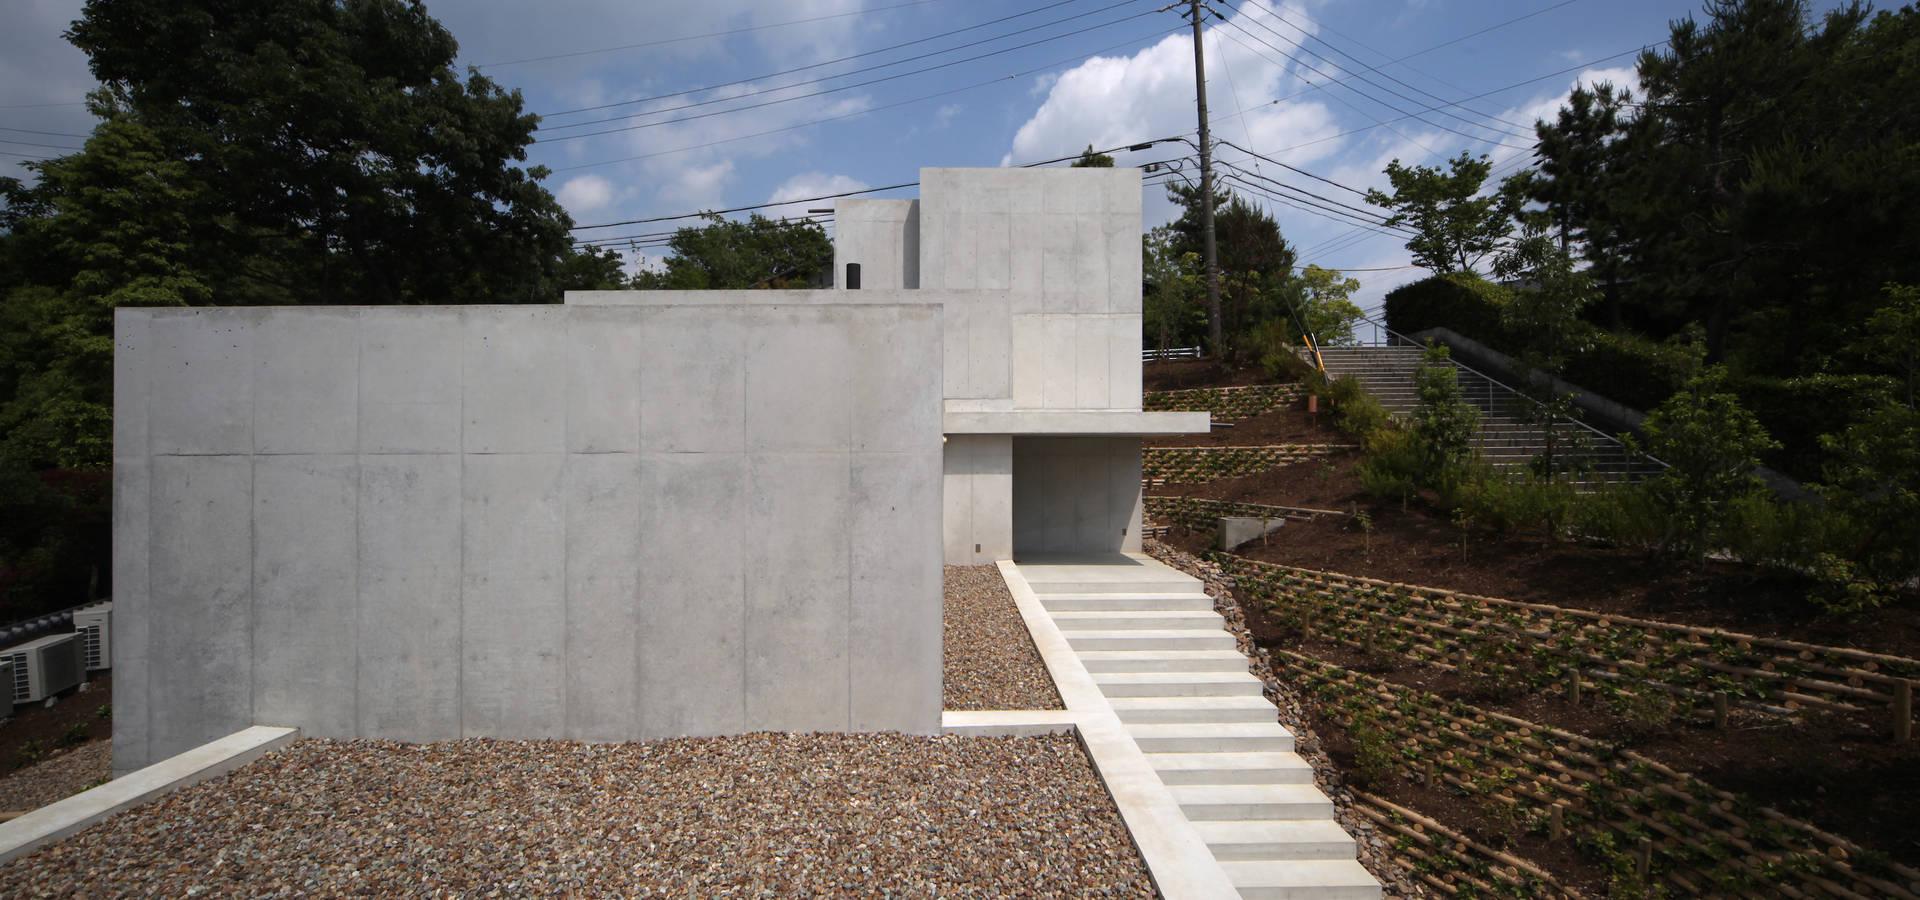 TOMOAKI  UNO  ARCHITECTS